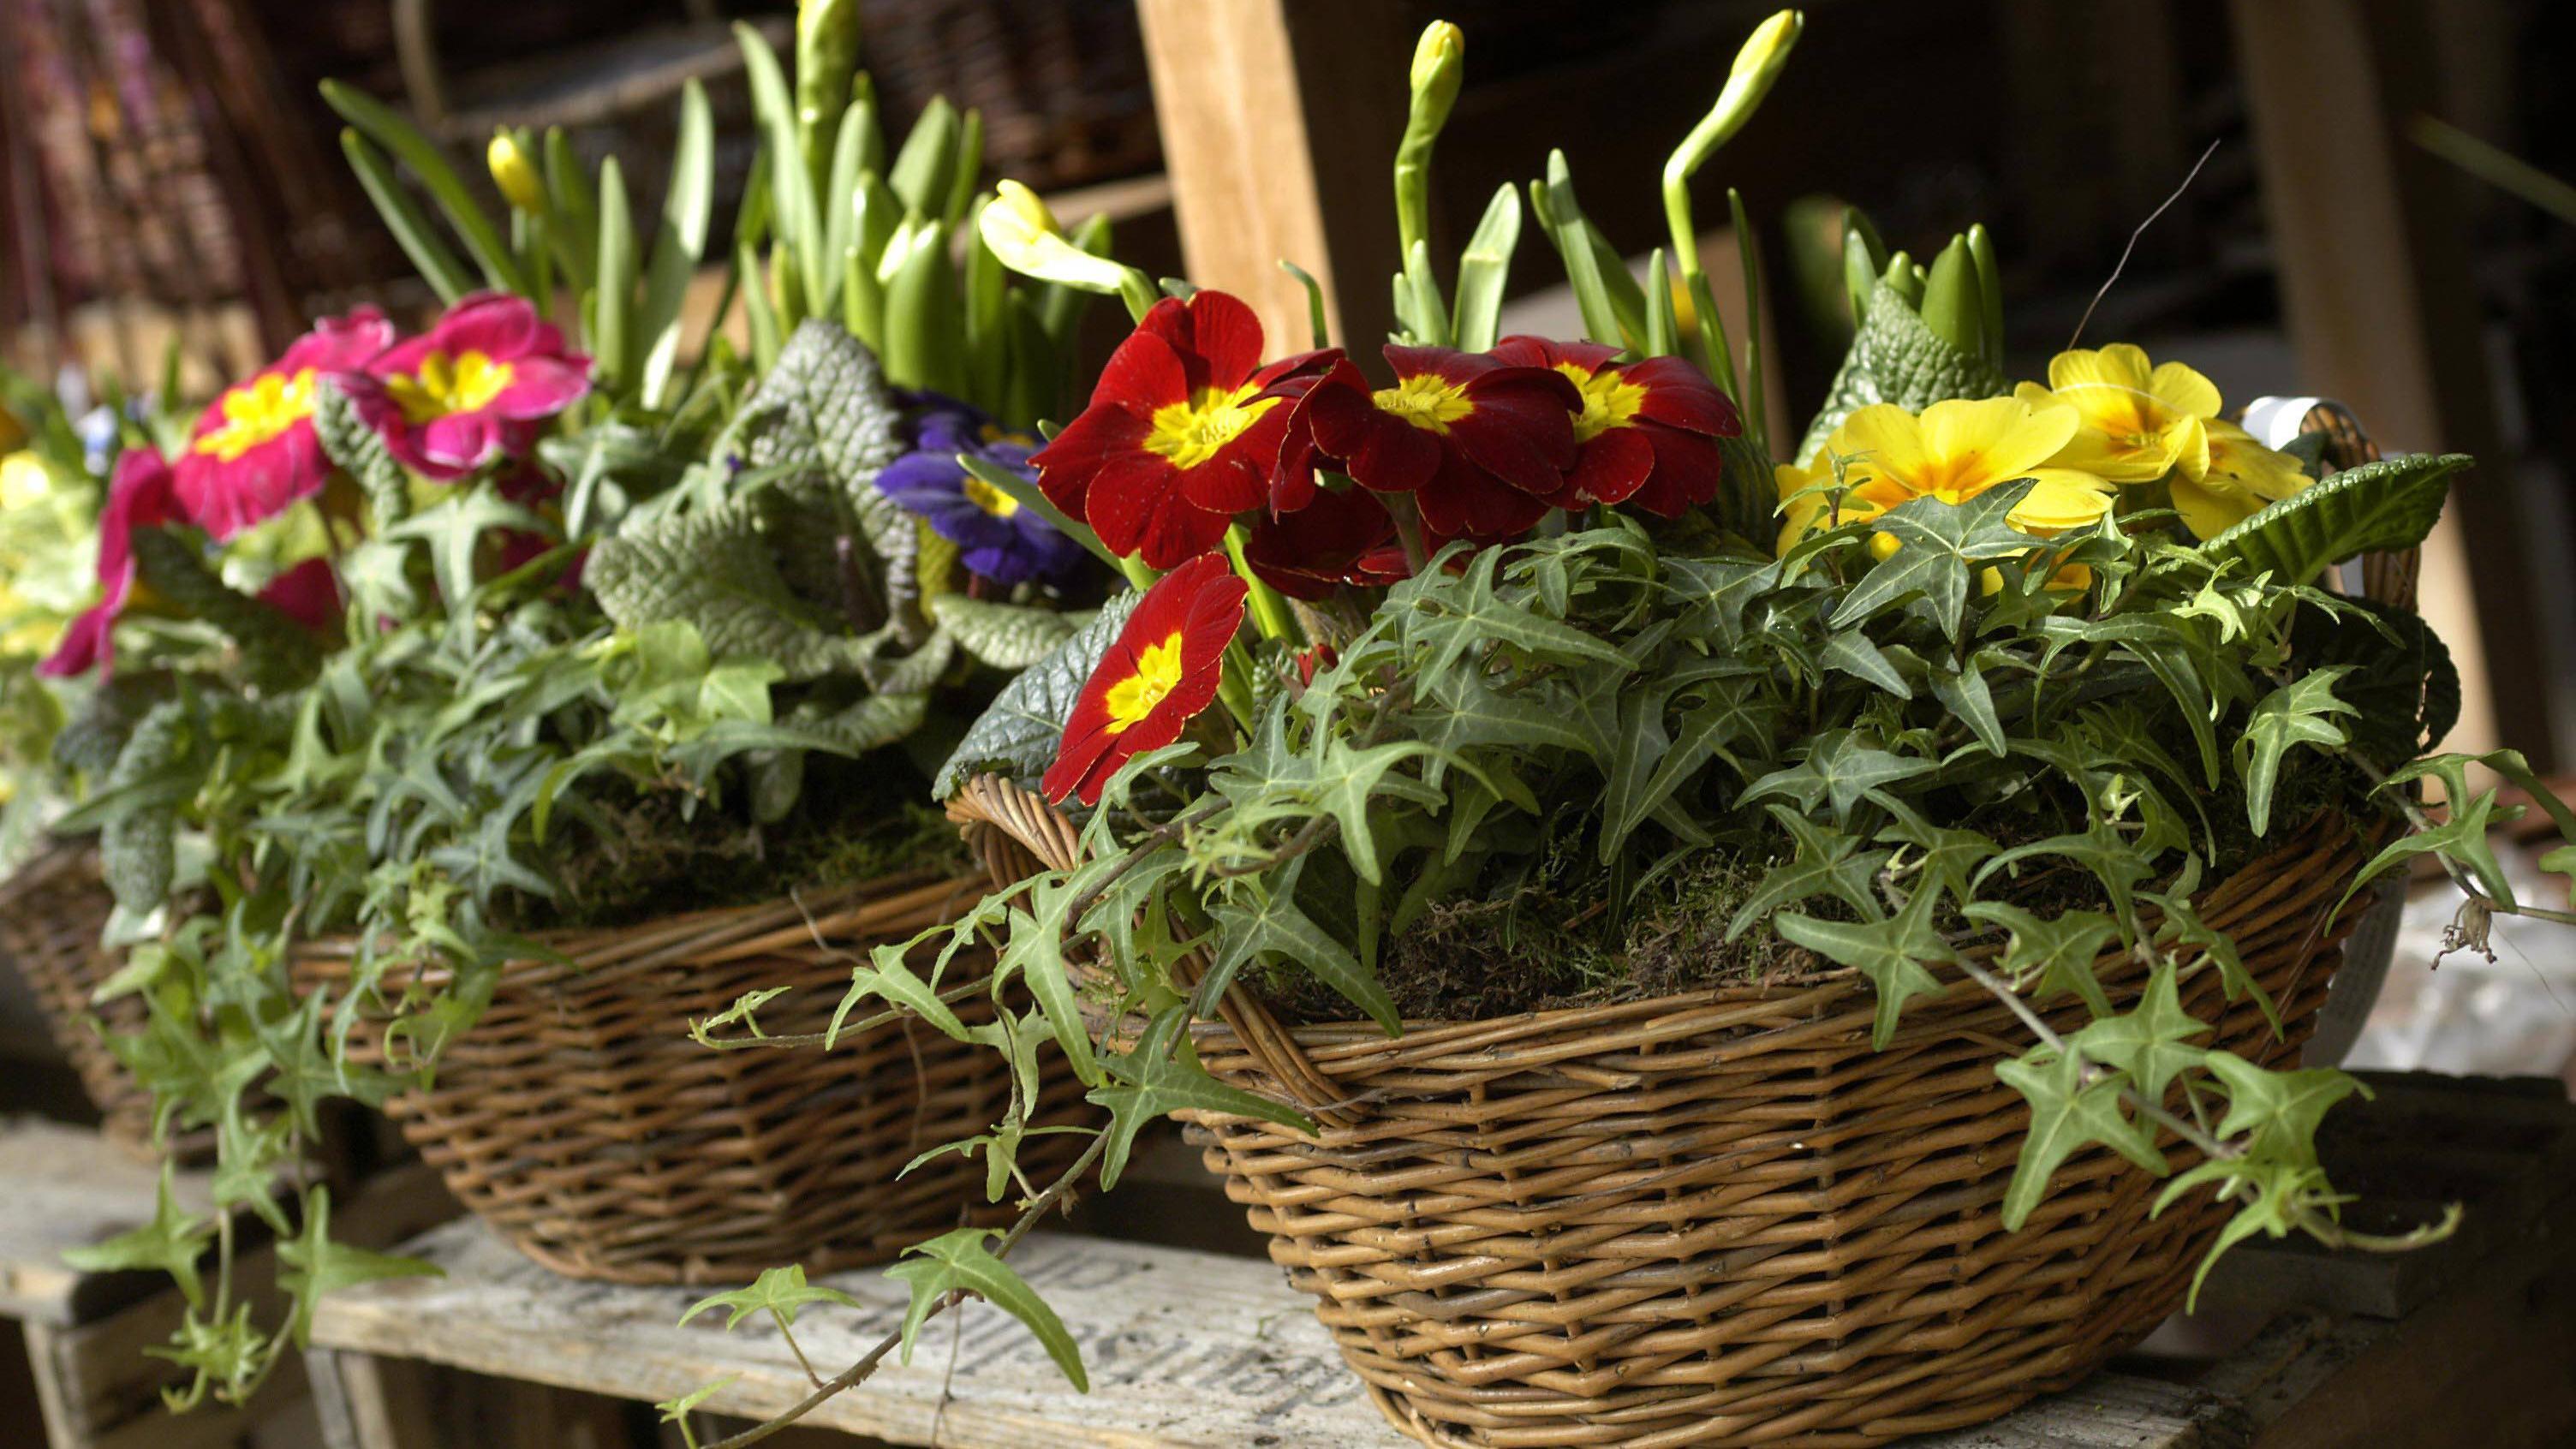 Blumenzwiebeln im Topf pflanzen - das sollten Sie beachten